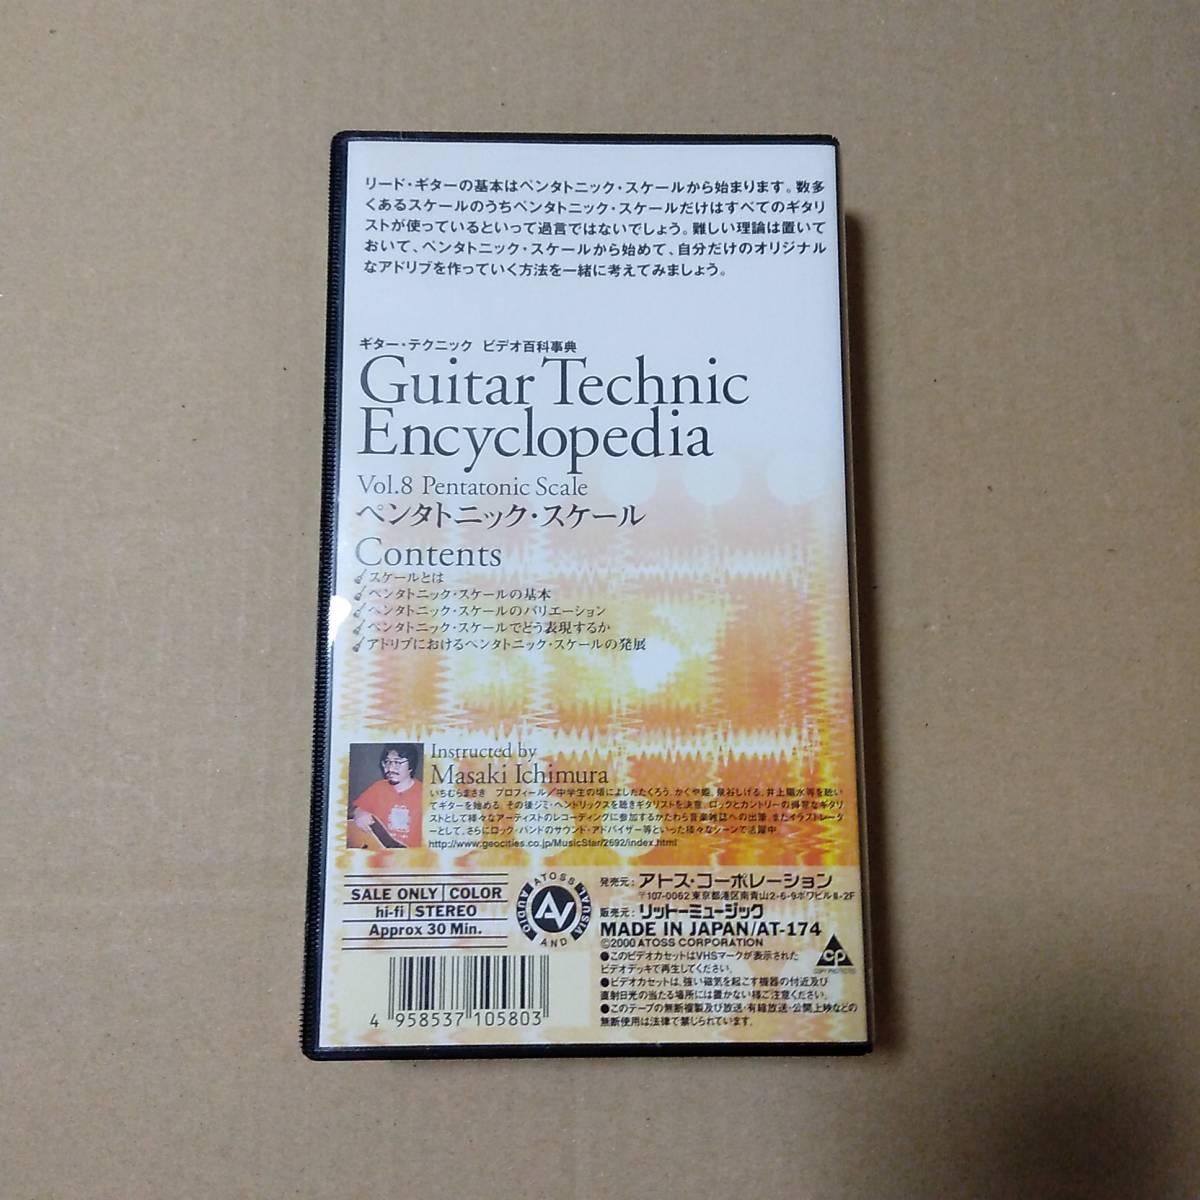 いちむらまさき ギターテクニック ビデオ百科事典 ペンタトニックスケール ギター教則ビデオ VHS ビデオ_画像2